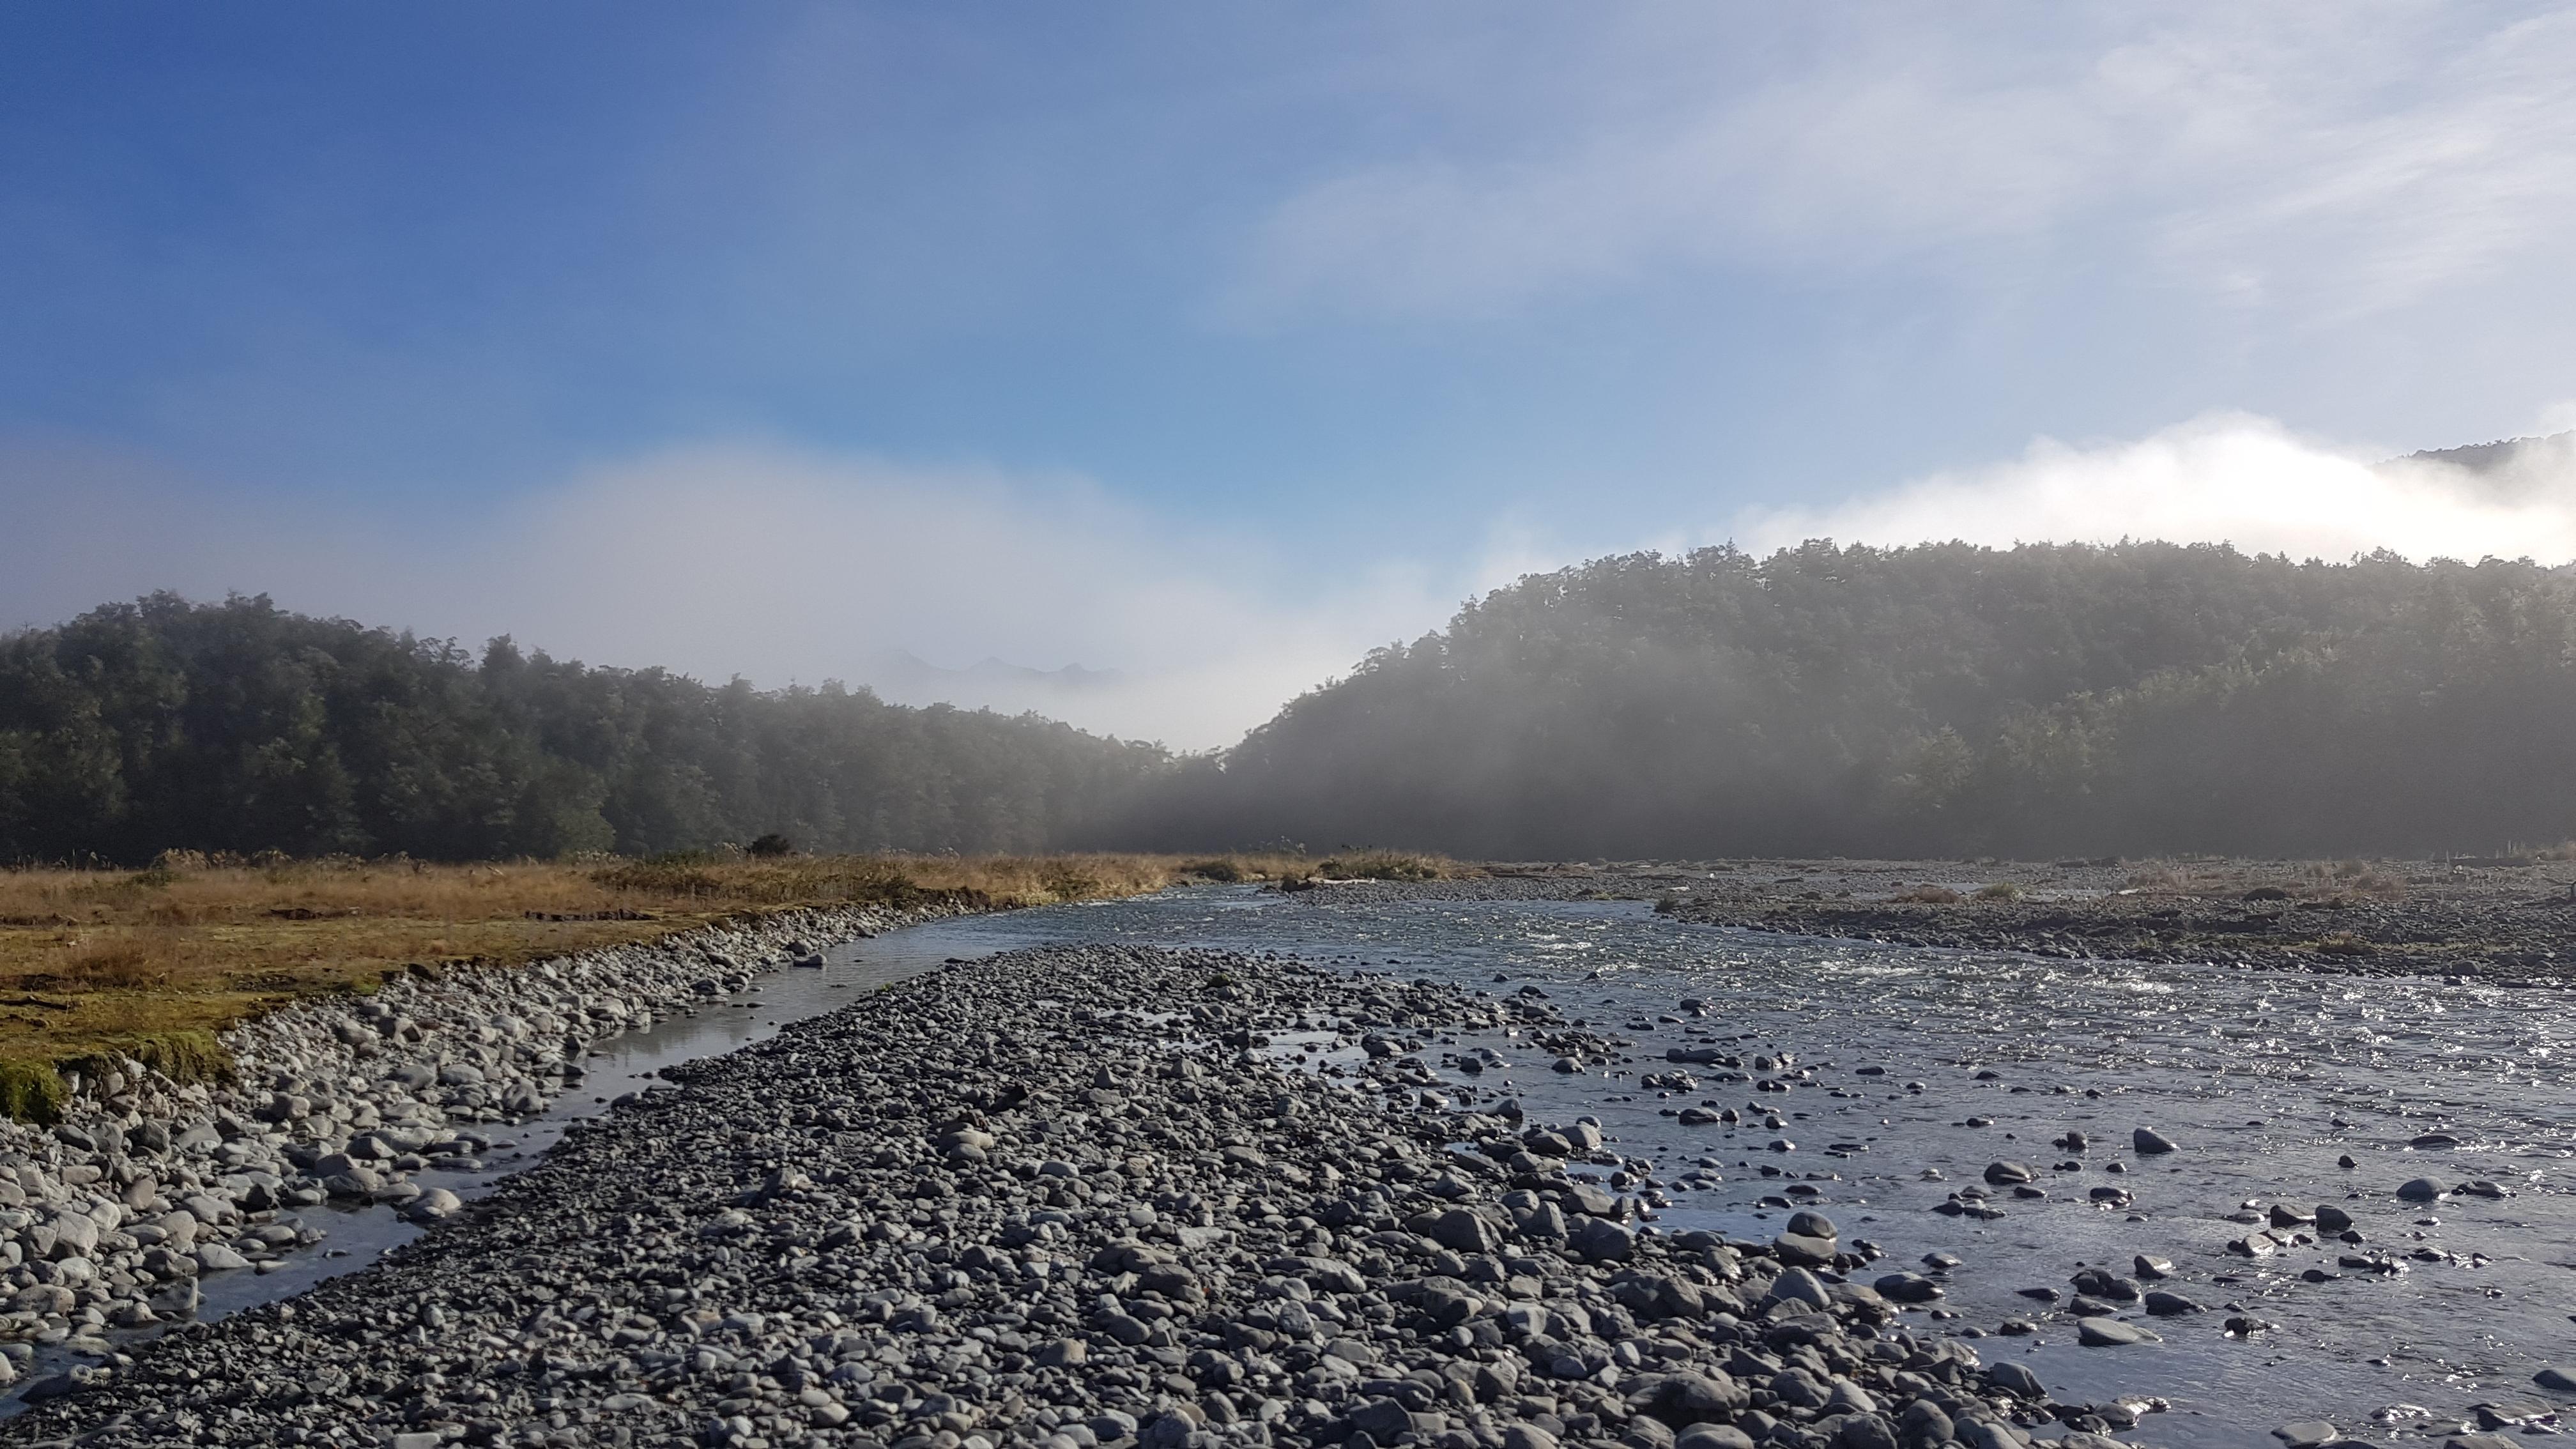 The Maruia River